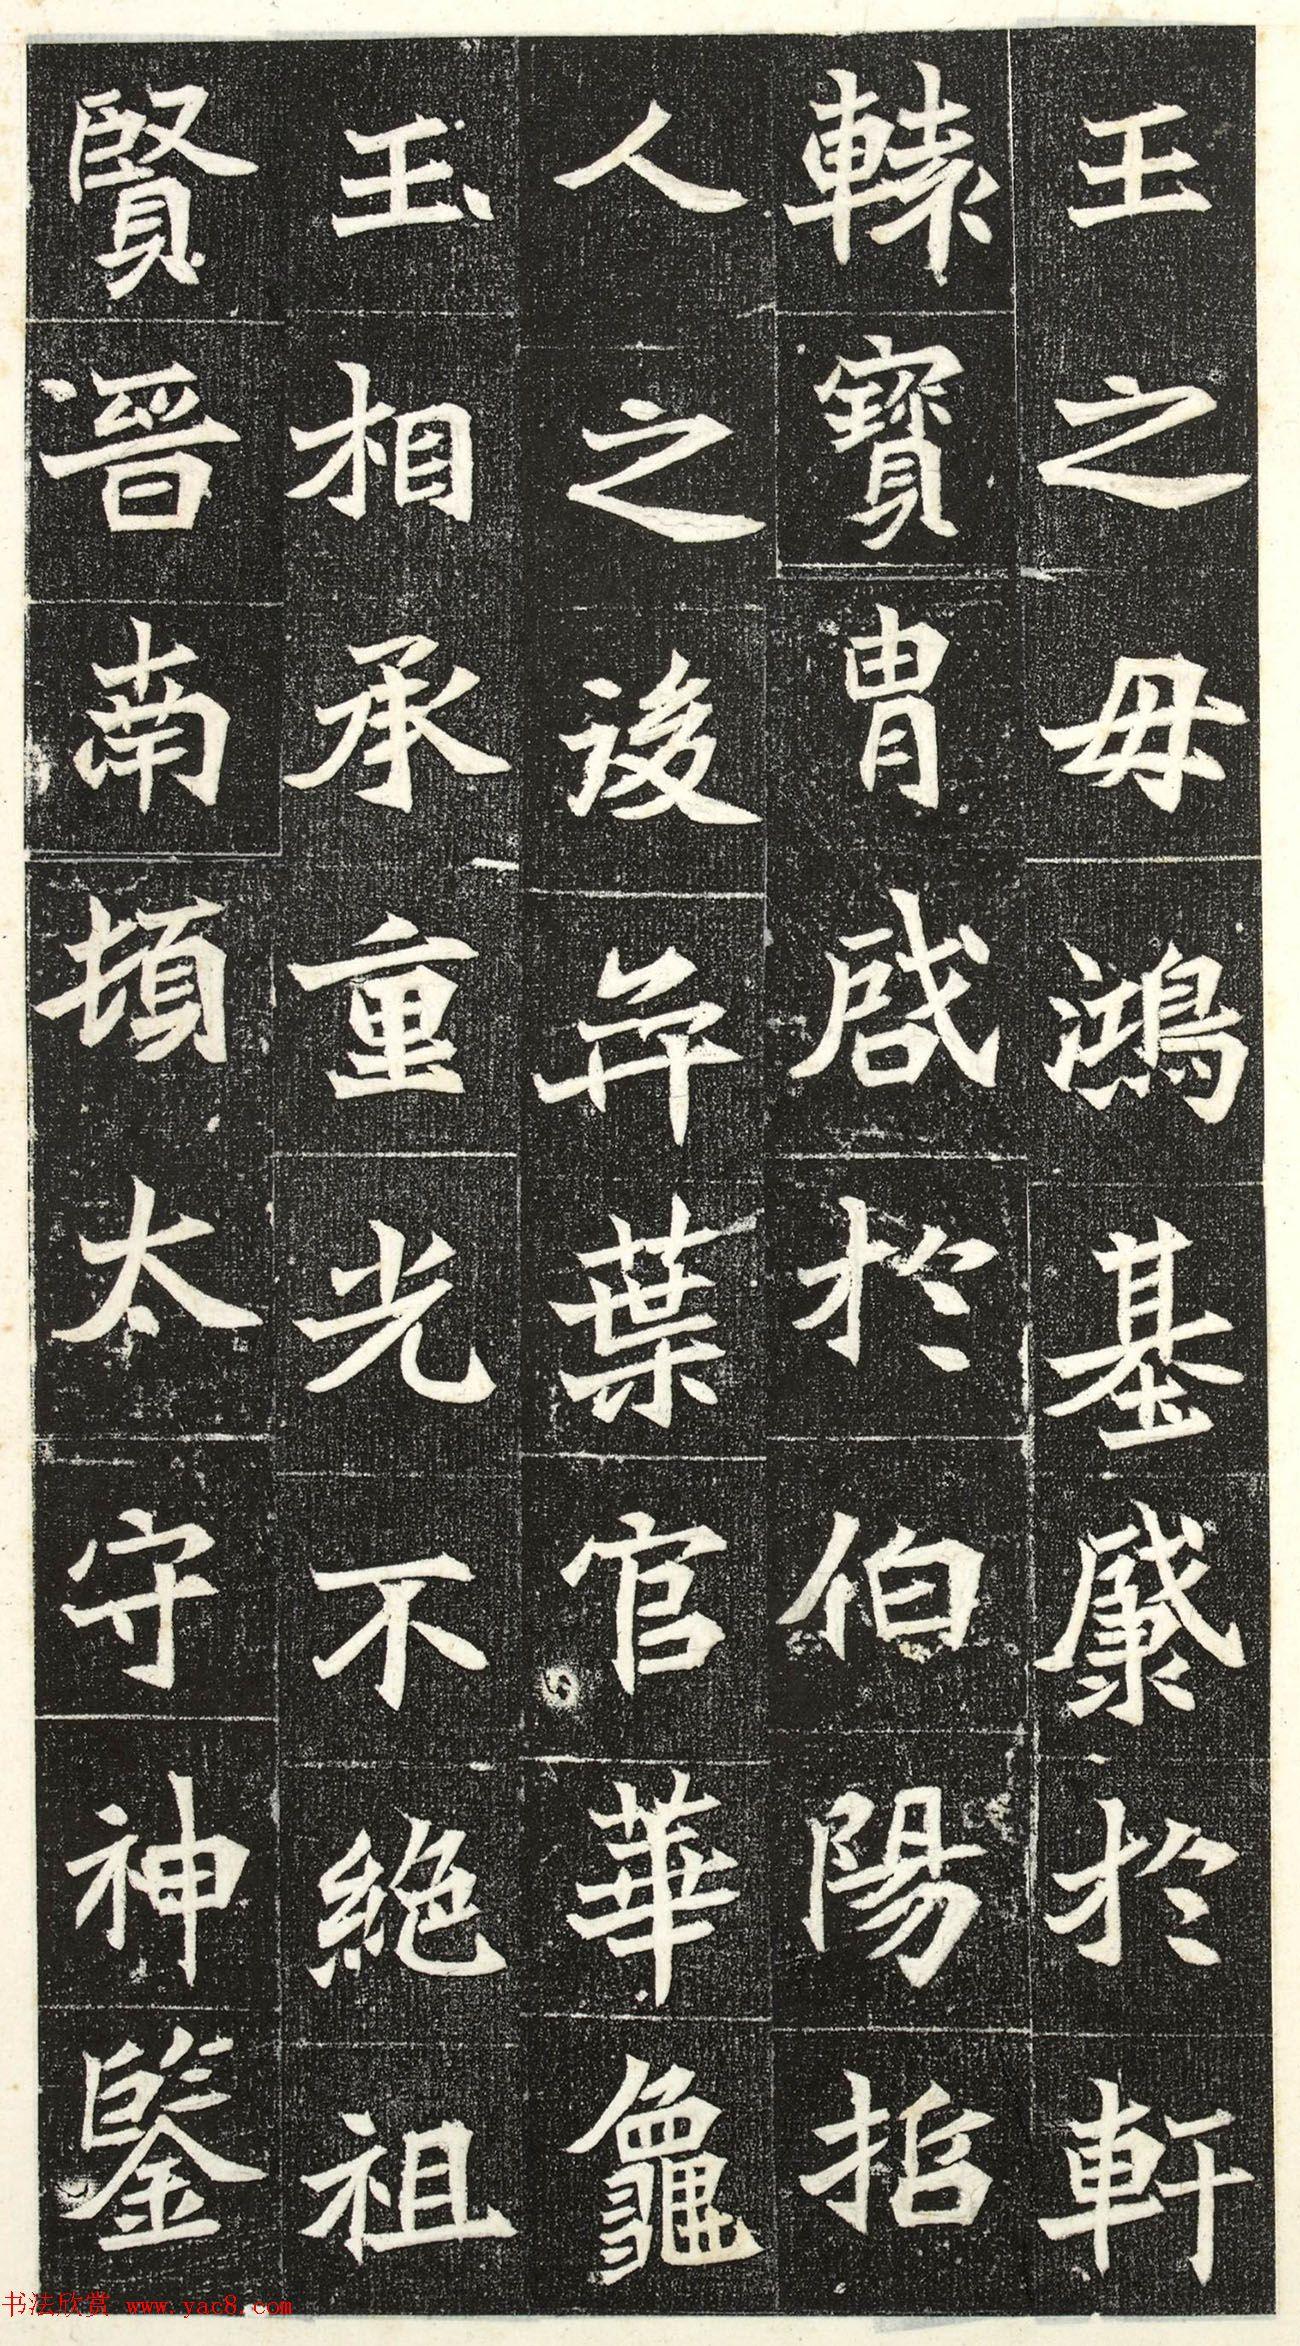 北魏楷书《阳平王妃李氏墓志》端雅秀逸